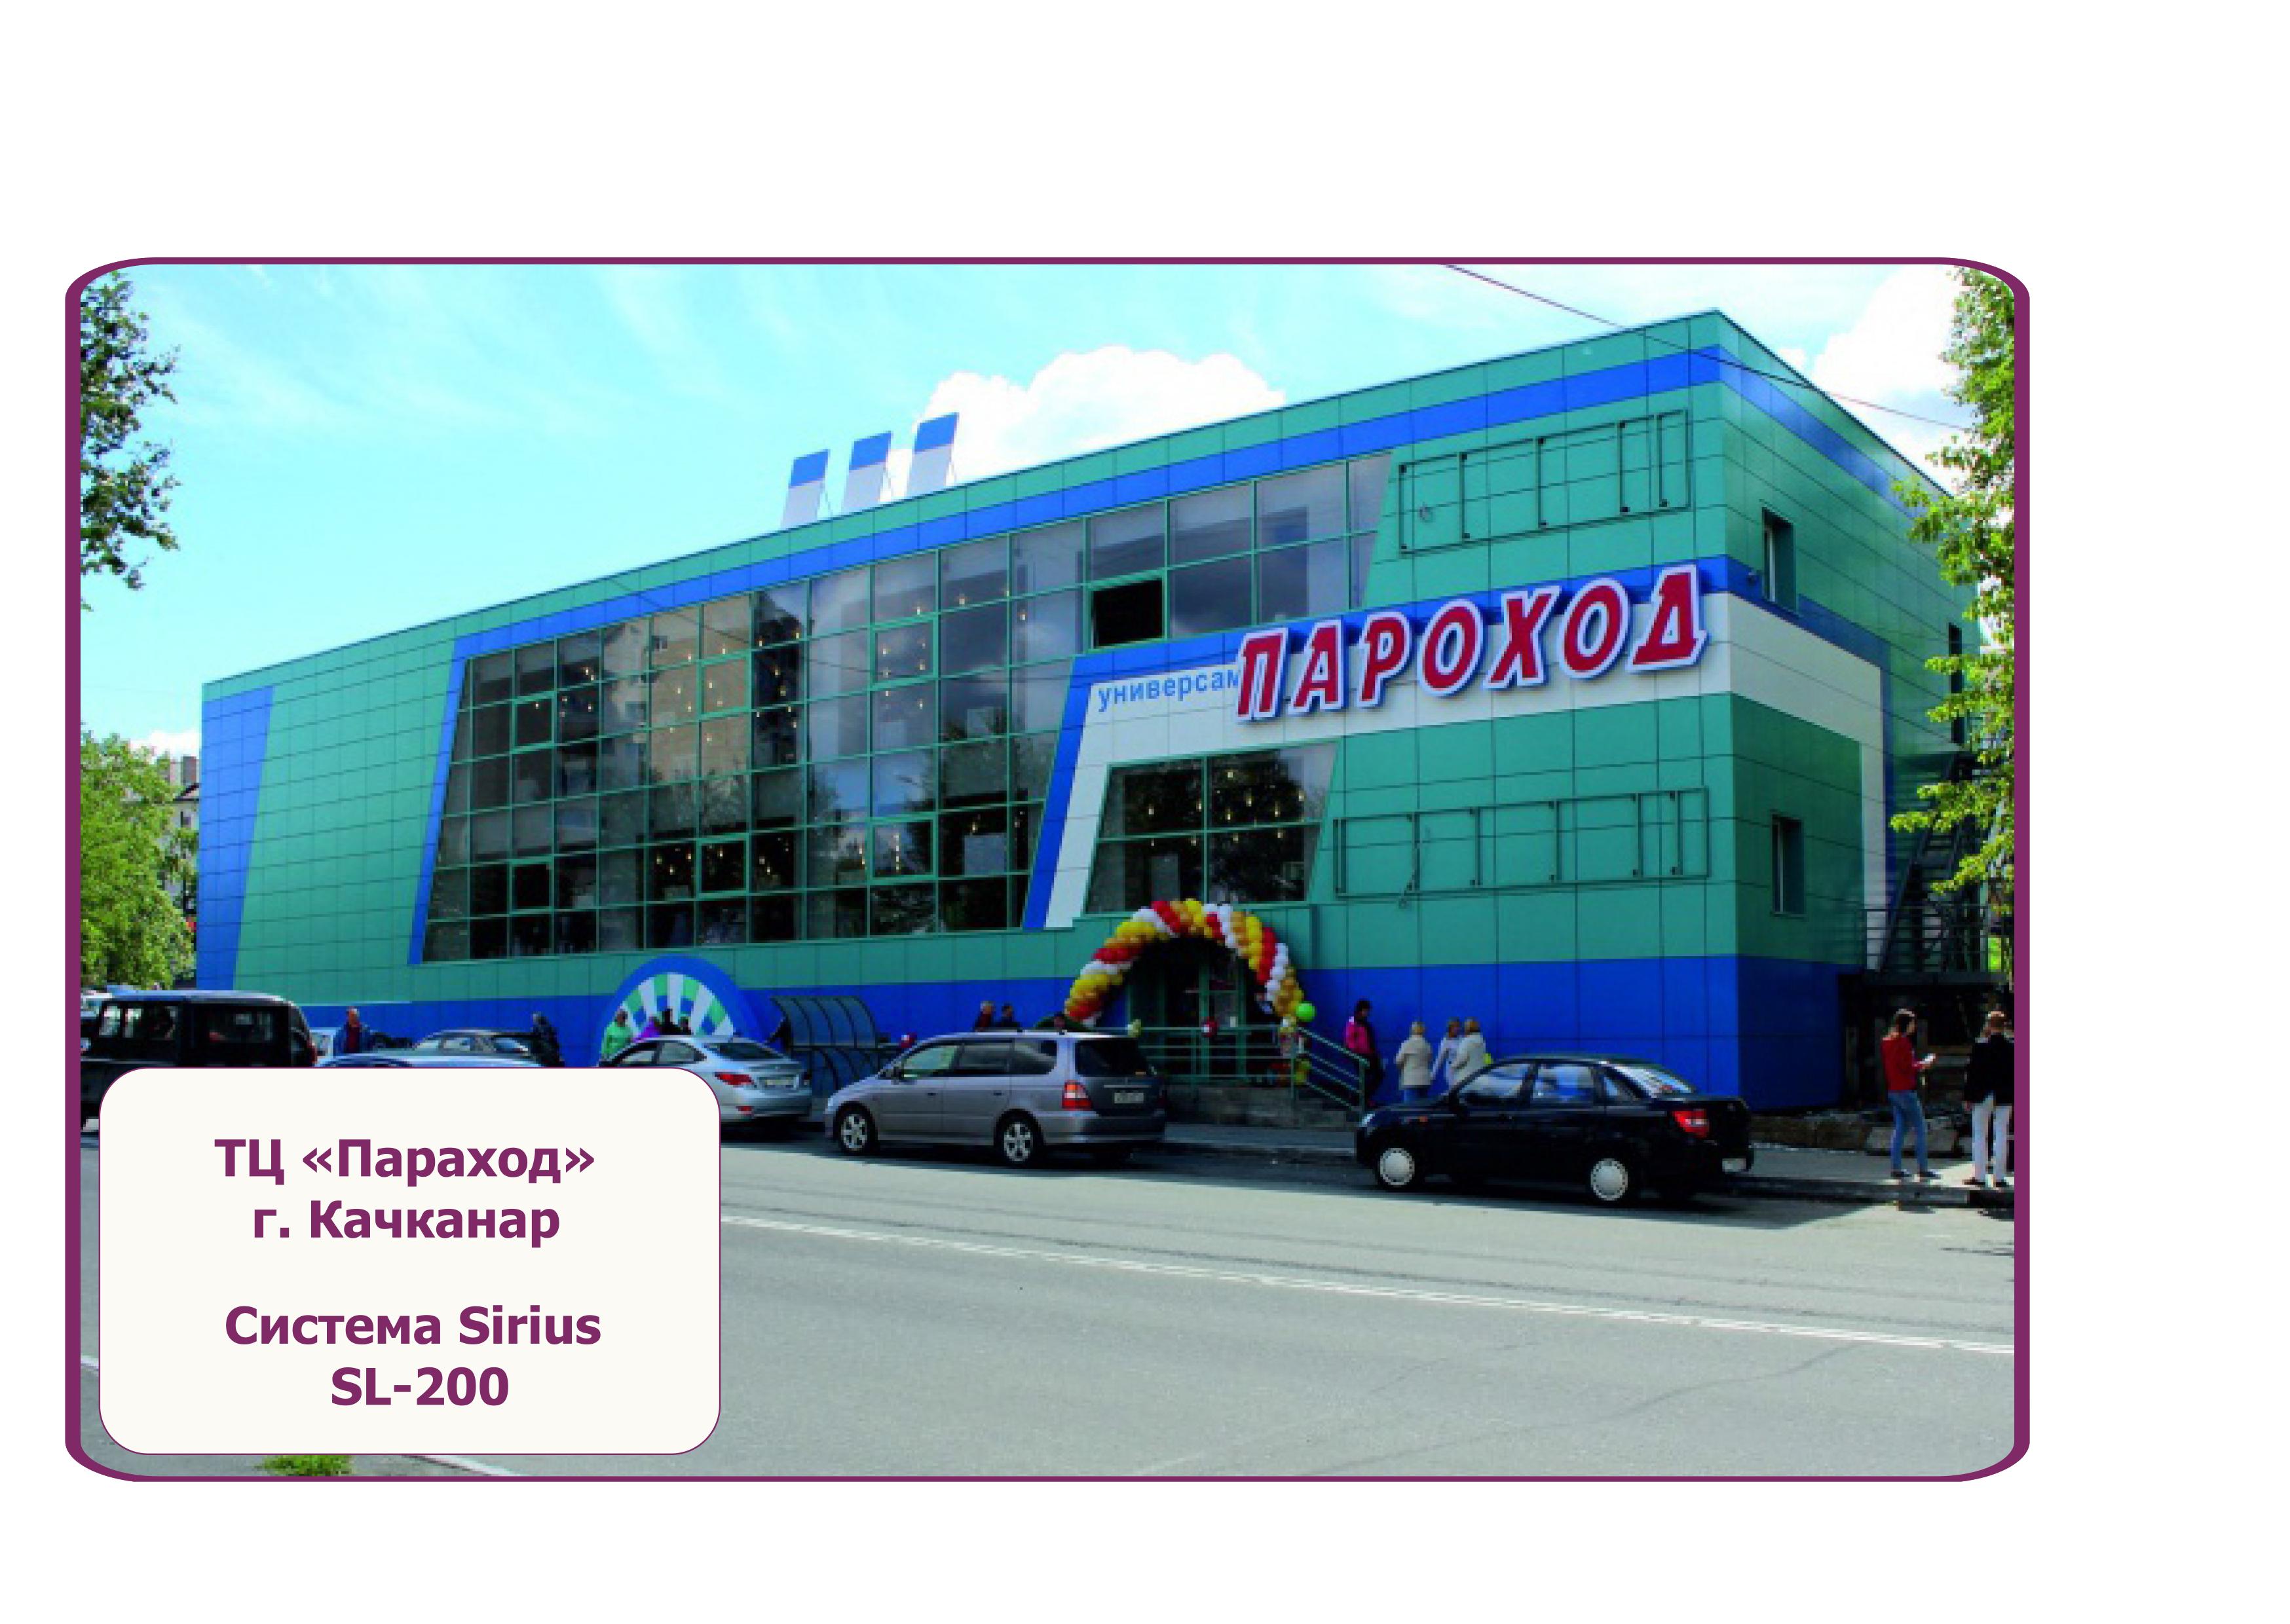 ТЦ Пароход г. Качканар Фасад объекта облицован на алюминиевой подсистеме SIRIUS SL-200 - композитные панели, усиленный Y-профиль